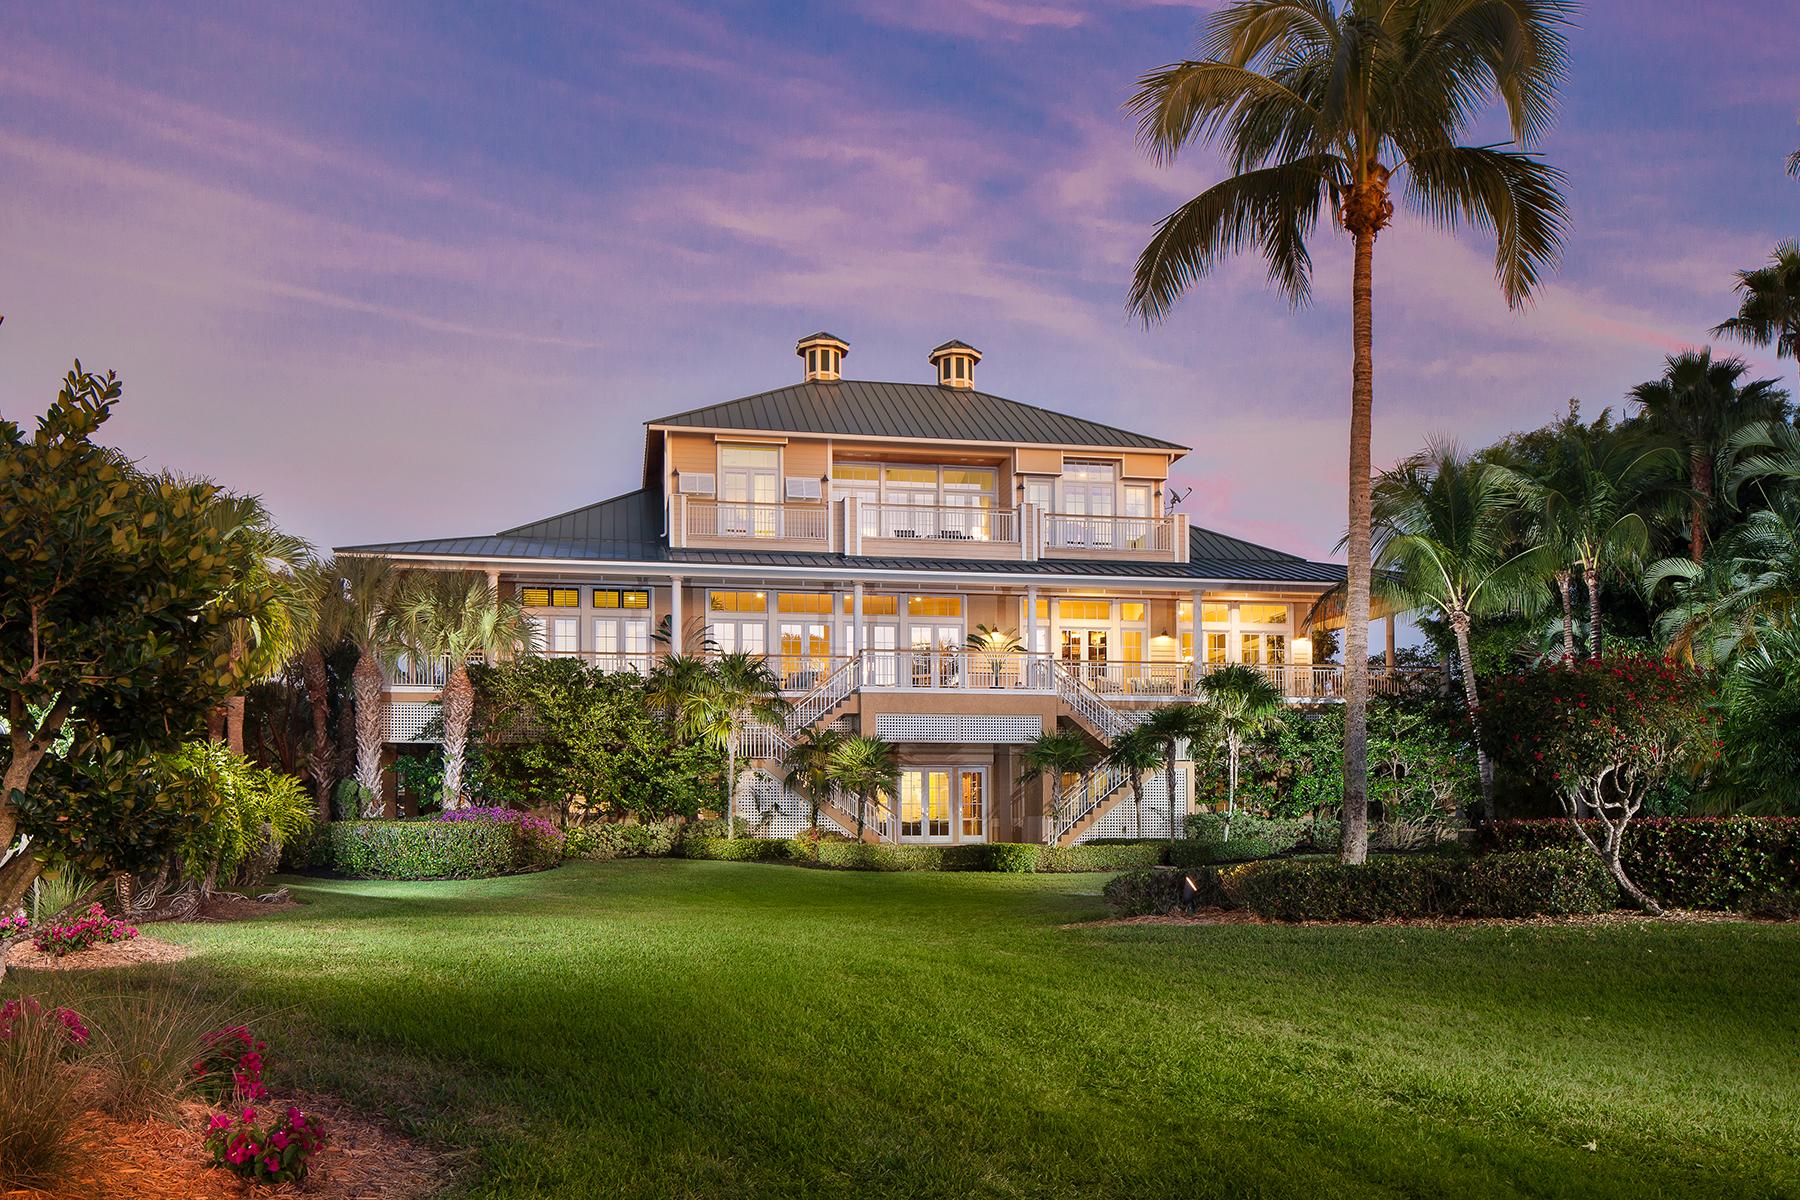 Maison unifamiliale pour l Vente à Bonita Springs 201 Barefoot Beach Blvd Bonita Springs, Florida, 34134 États-Unis